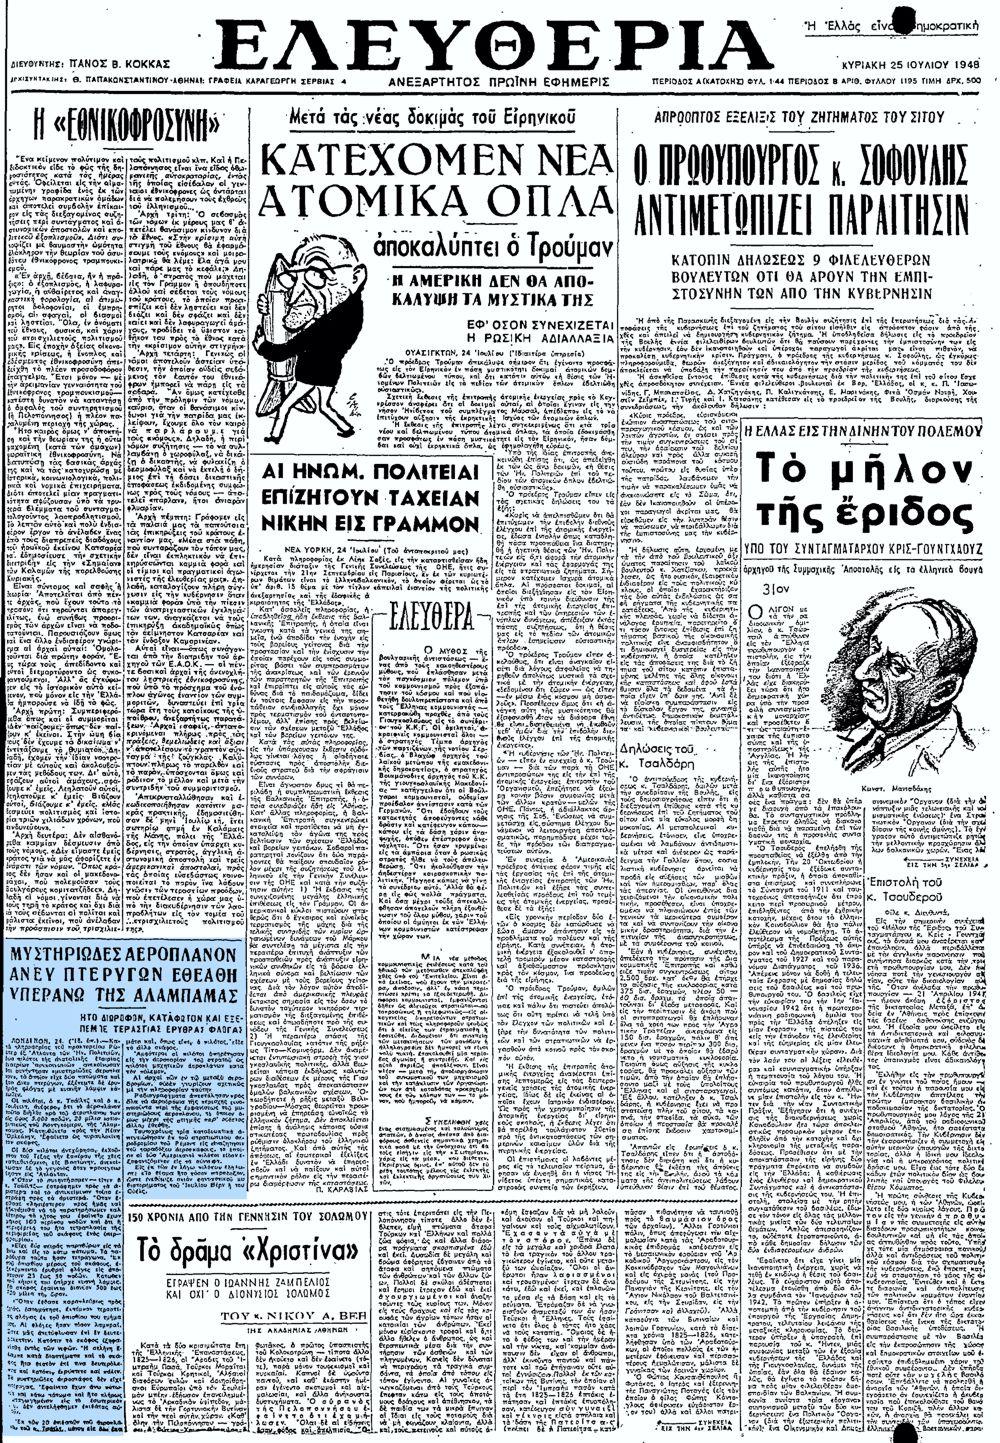 """Το άρθρο, όπως δημοσιεύθηκε στην εφημερίδα """"ΕΛΕΥΘΕΡΙΑ"""", στις 25/07/1948"""